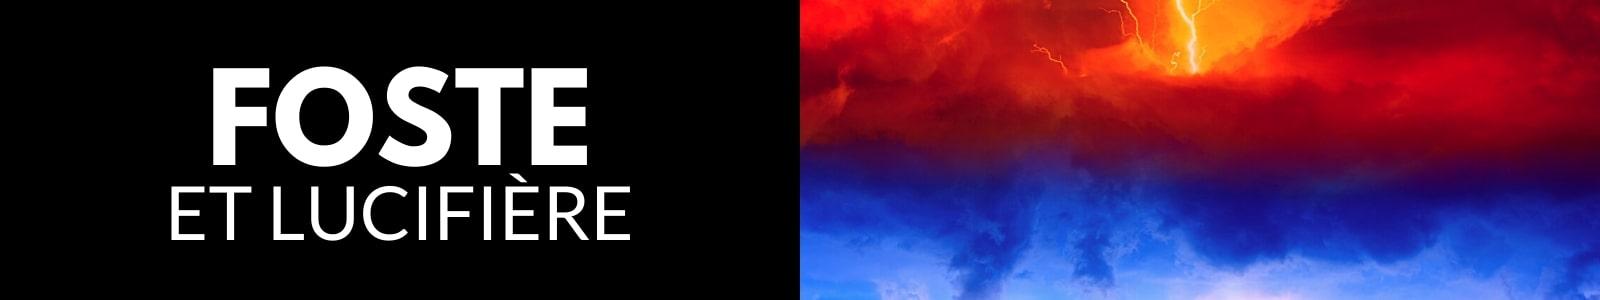 NouvellesNoires-S06E06-Foste-et-Lucifiere-Bandeau-min